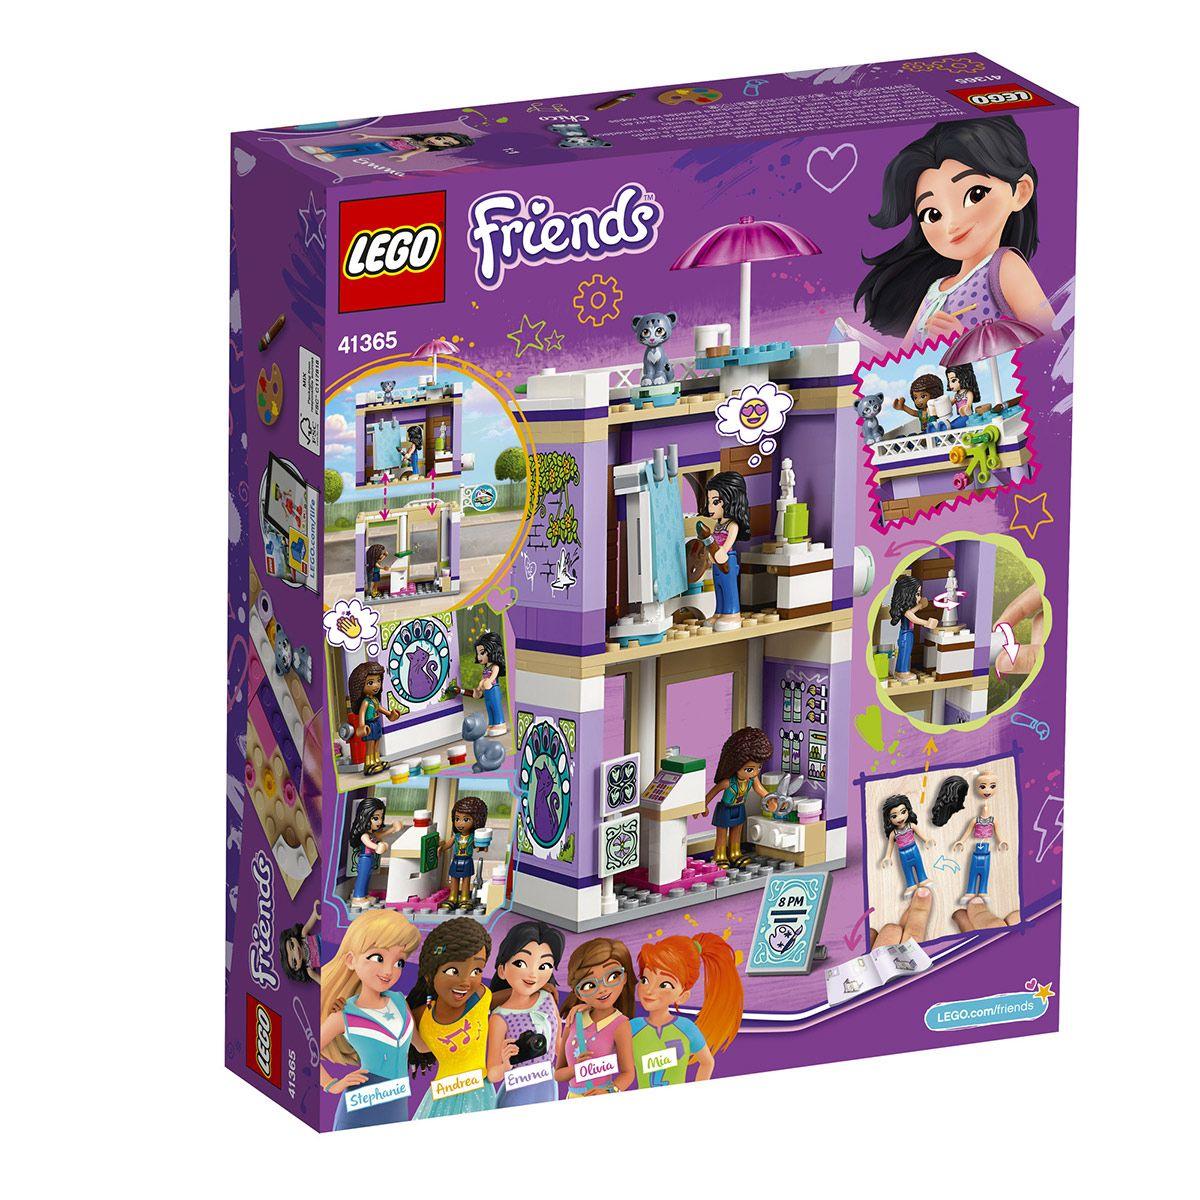 Univers D'artiste Friends L'atelier Lego D'emma 41365 Ville Et Tl1JcFK3